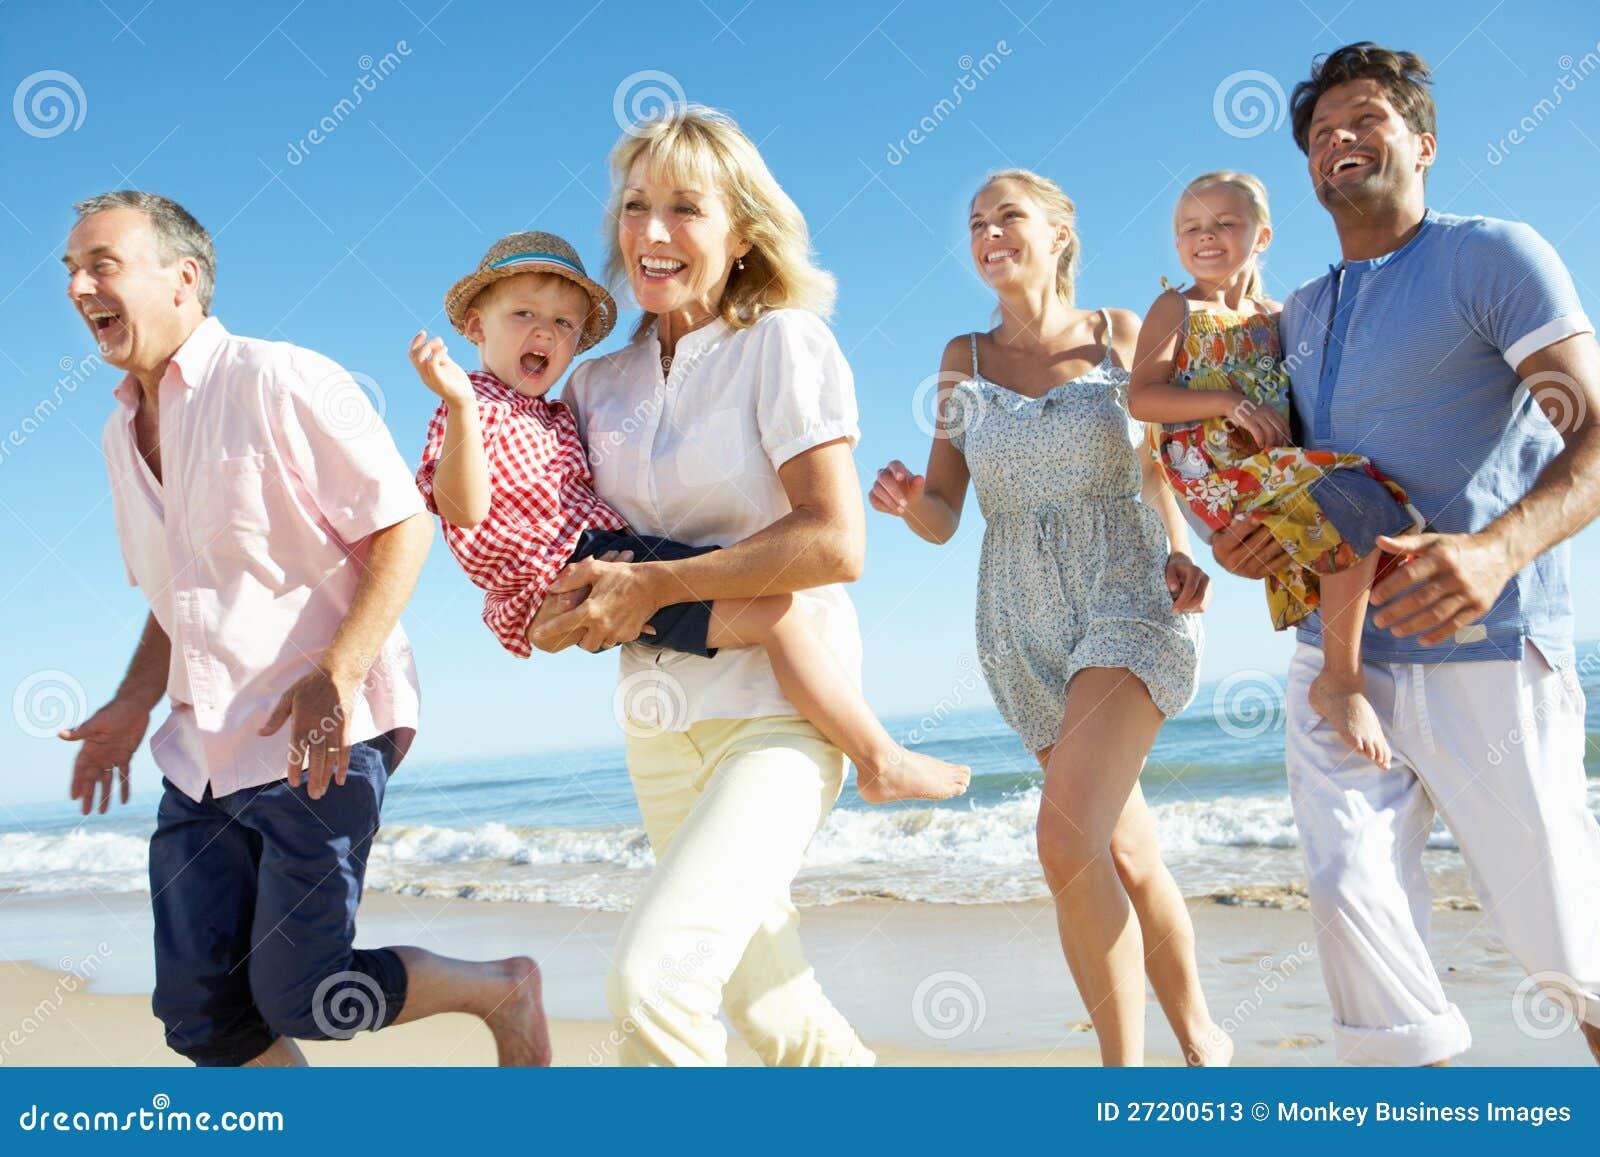 De multi Familie die van de Generatie van de Vakantie van het Strand geniet